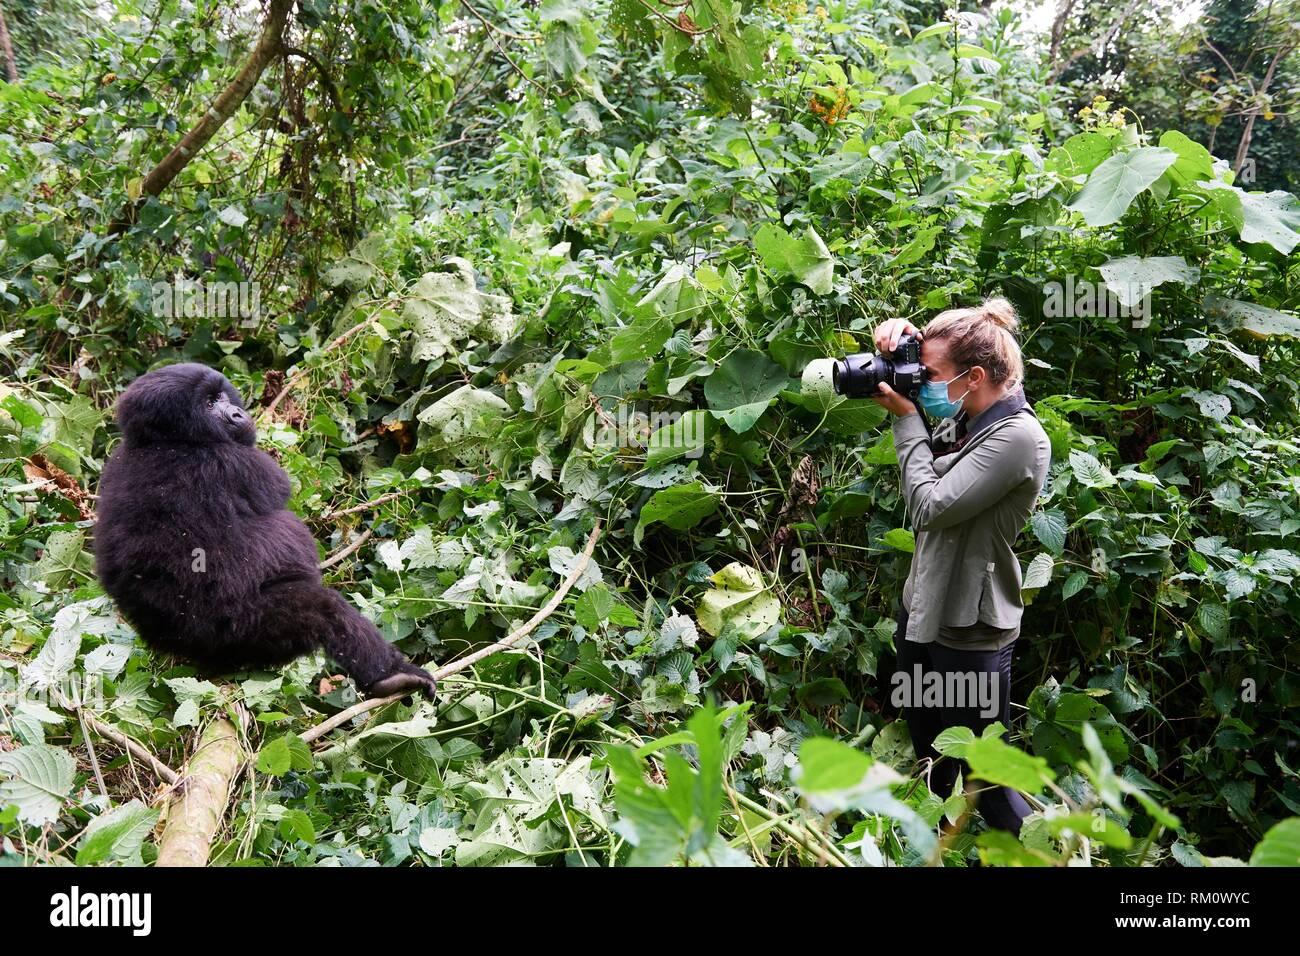 Touristen fotografieren Berggorilla (Gorilla beringei beringei). Alle Menschen haben Sicherheit Masken in Anwesenheit von Gorillas tragen alle zu vermeiden. Stockbild